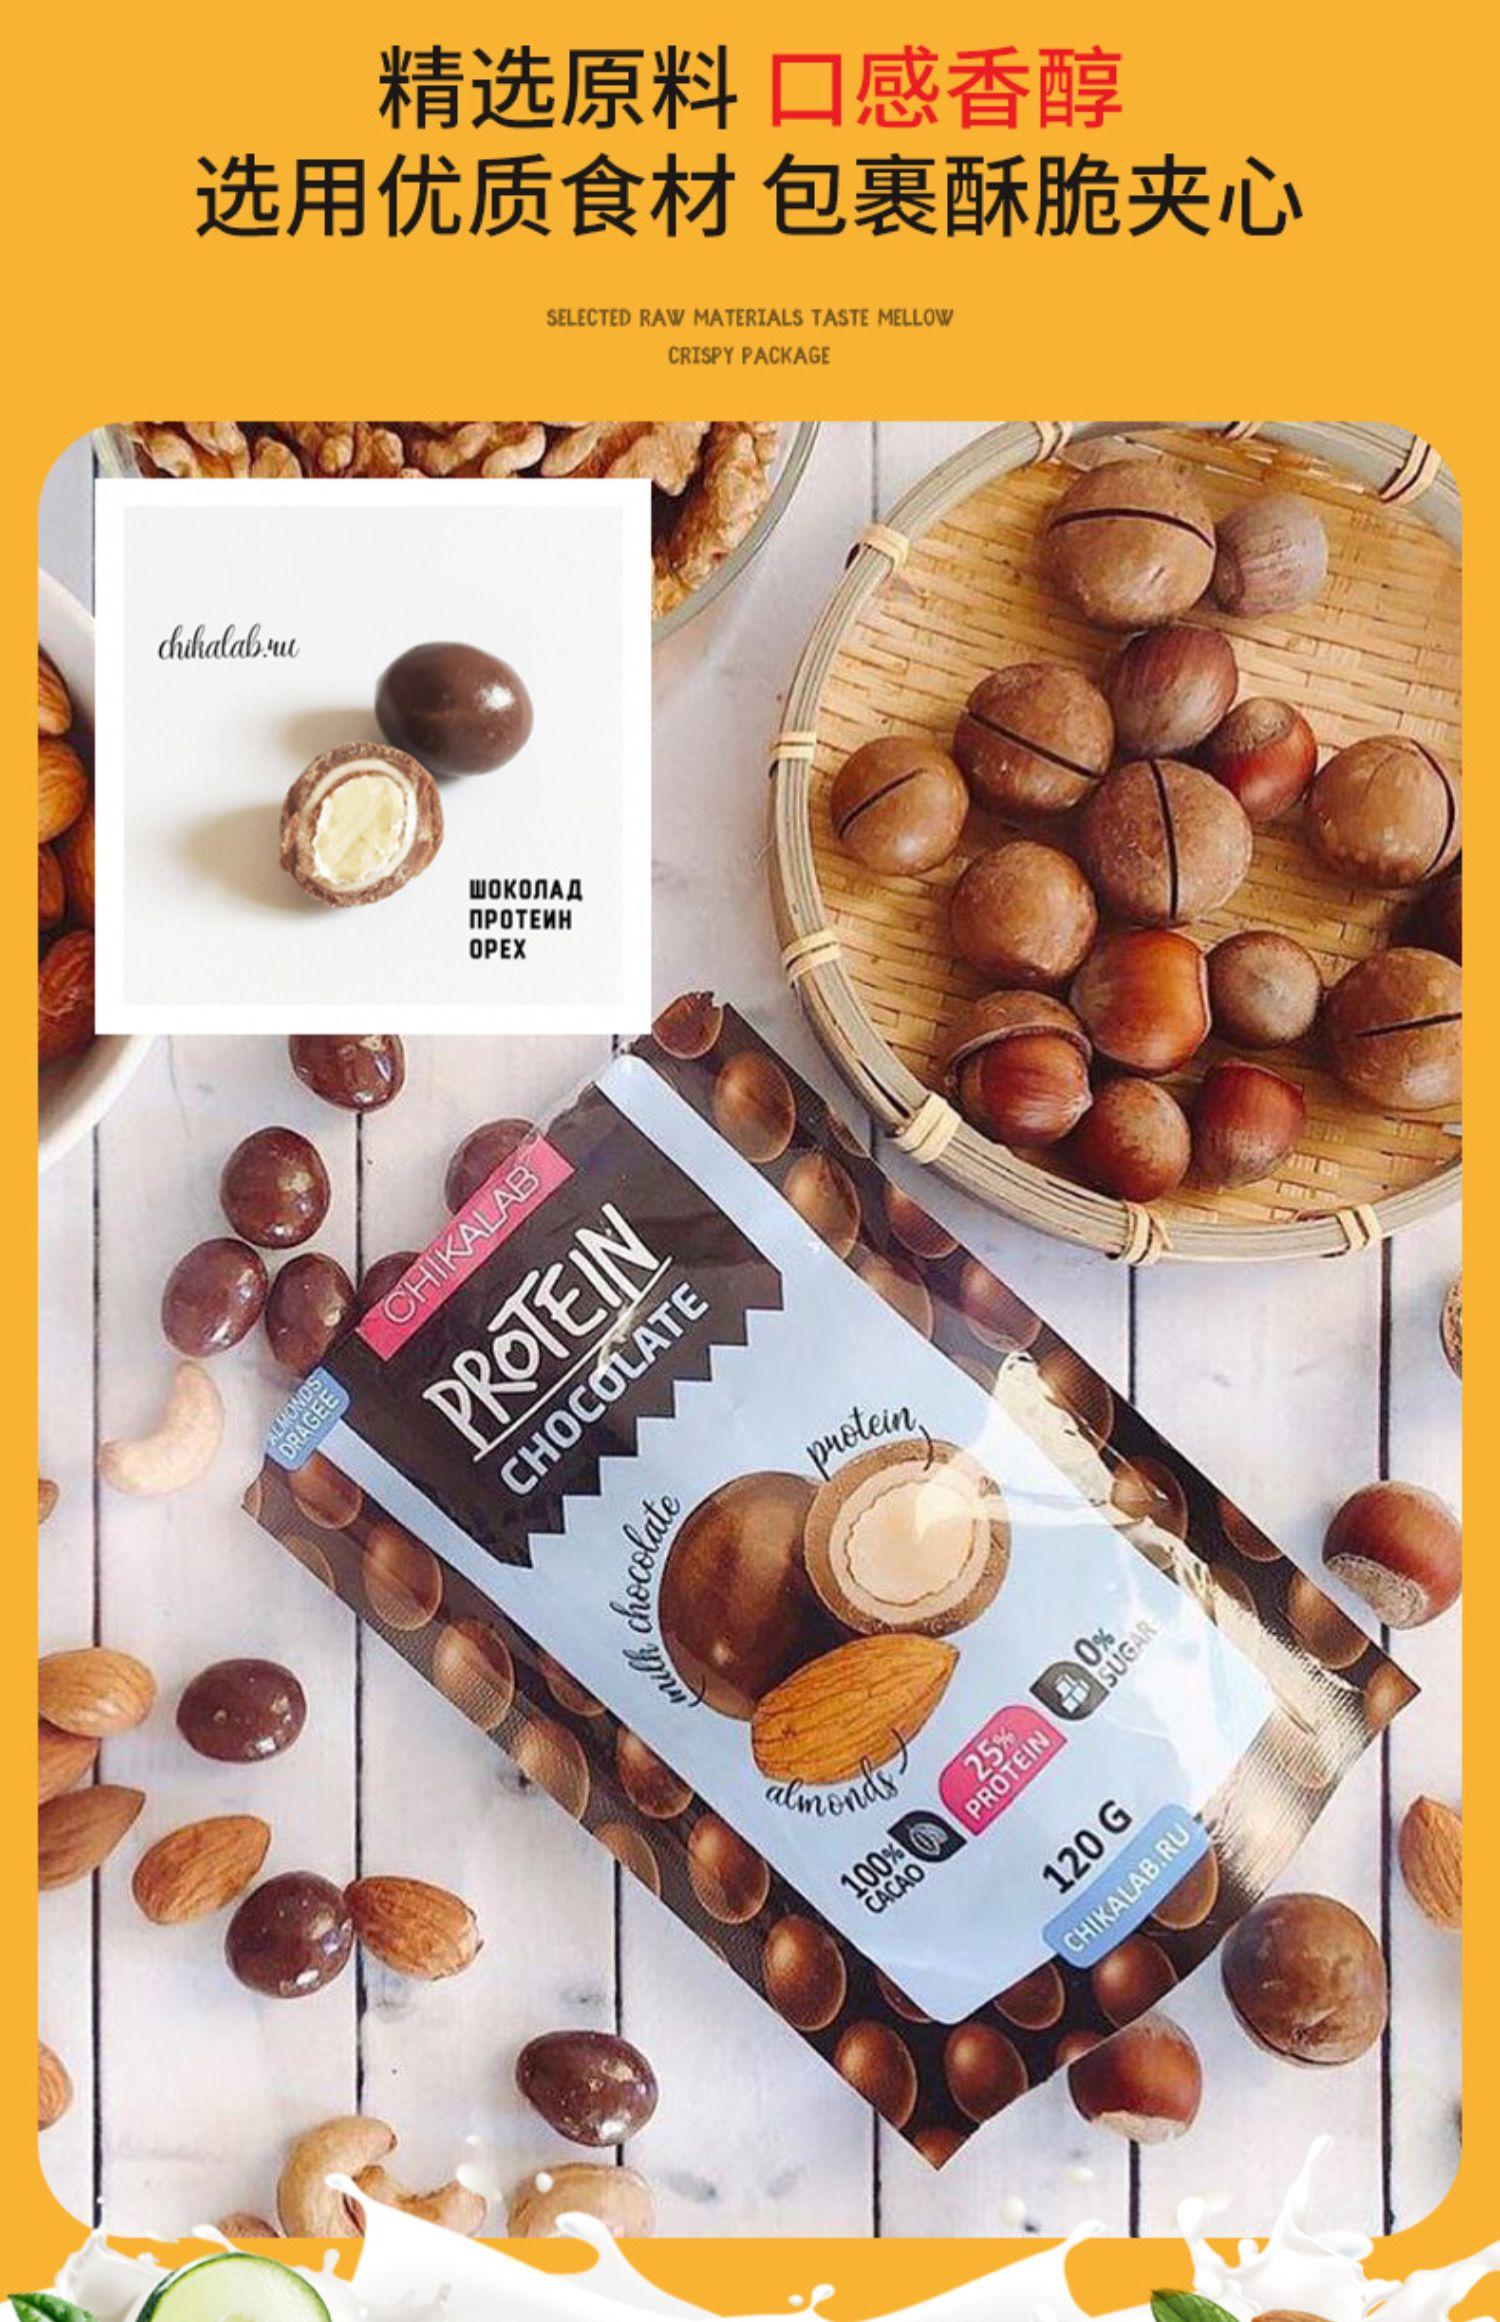 Chikalab夹心巧克力豆120g